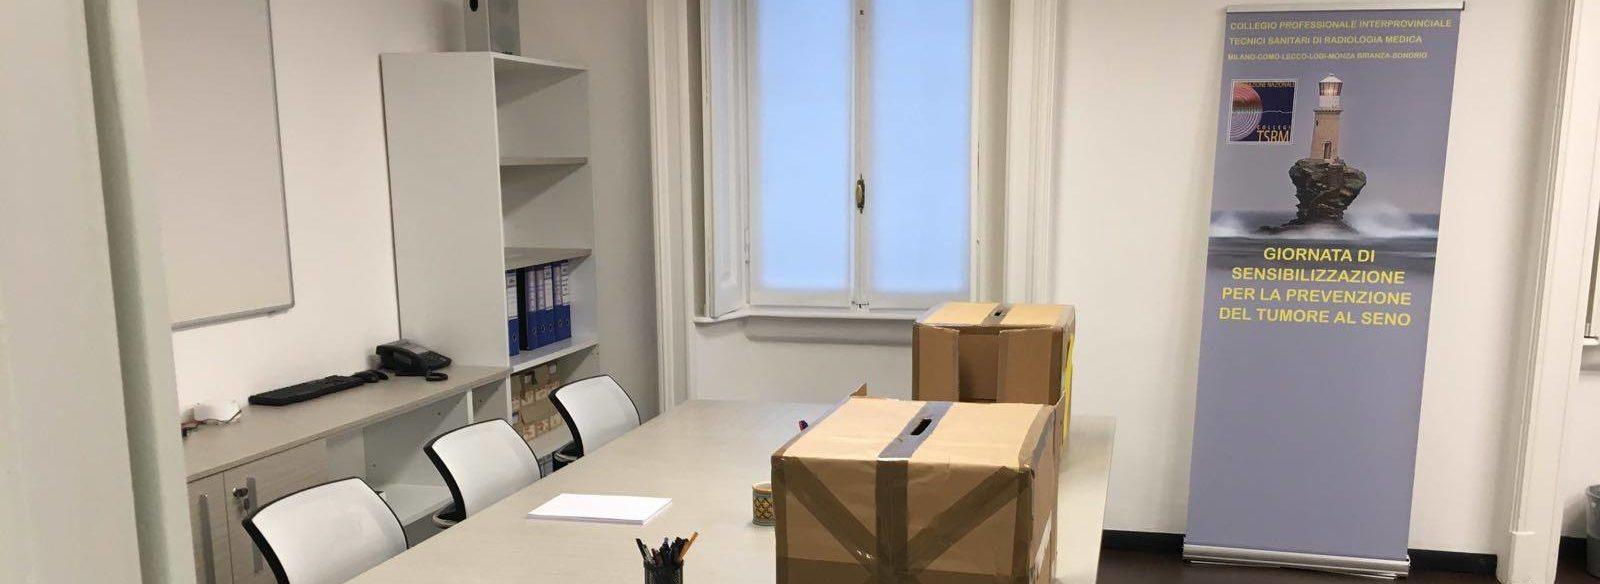 Elezioni Nuovo Direttivo-LISTA RINNOVARE E CRESCERE-DIEGO CATANIA